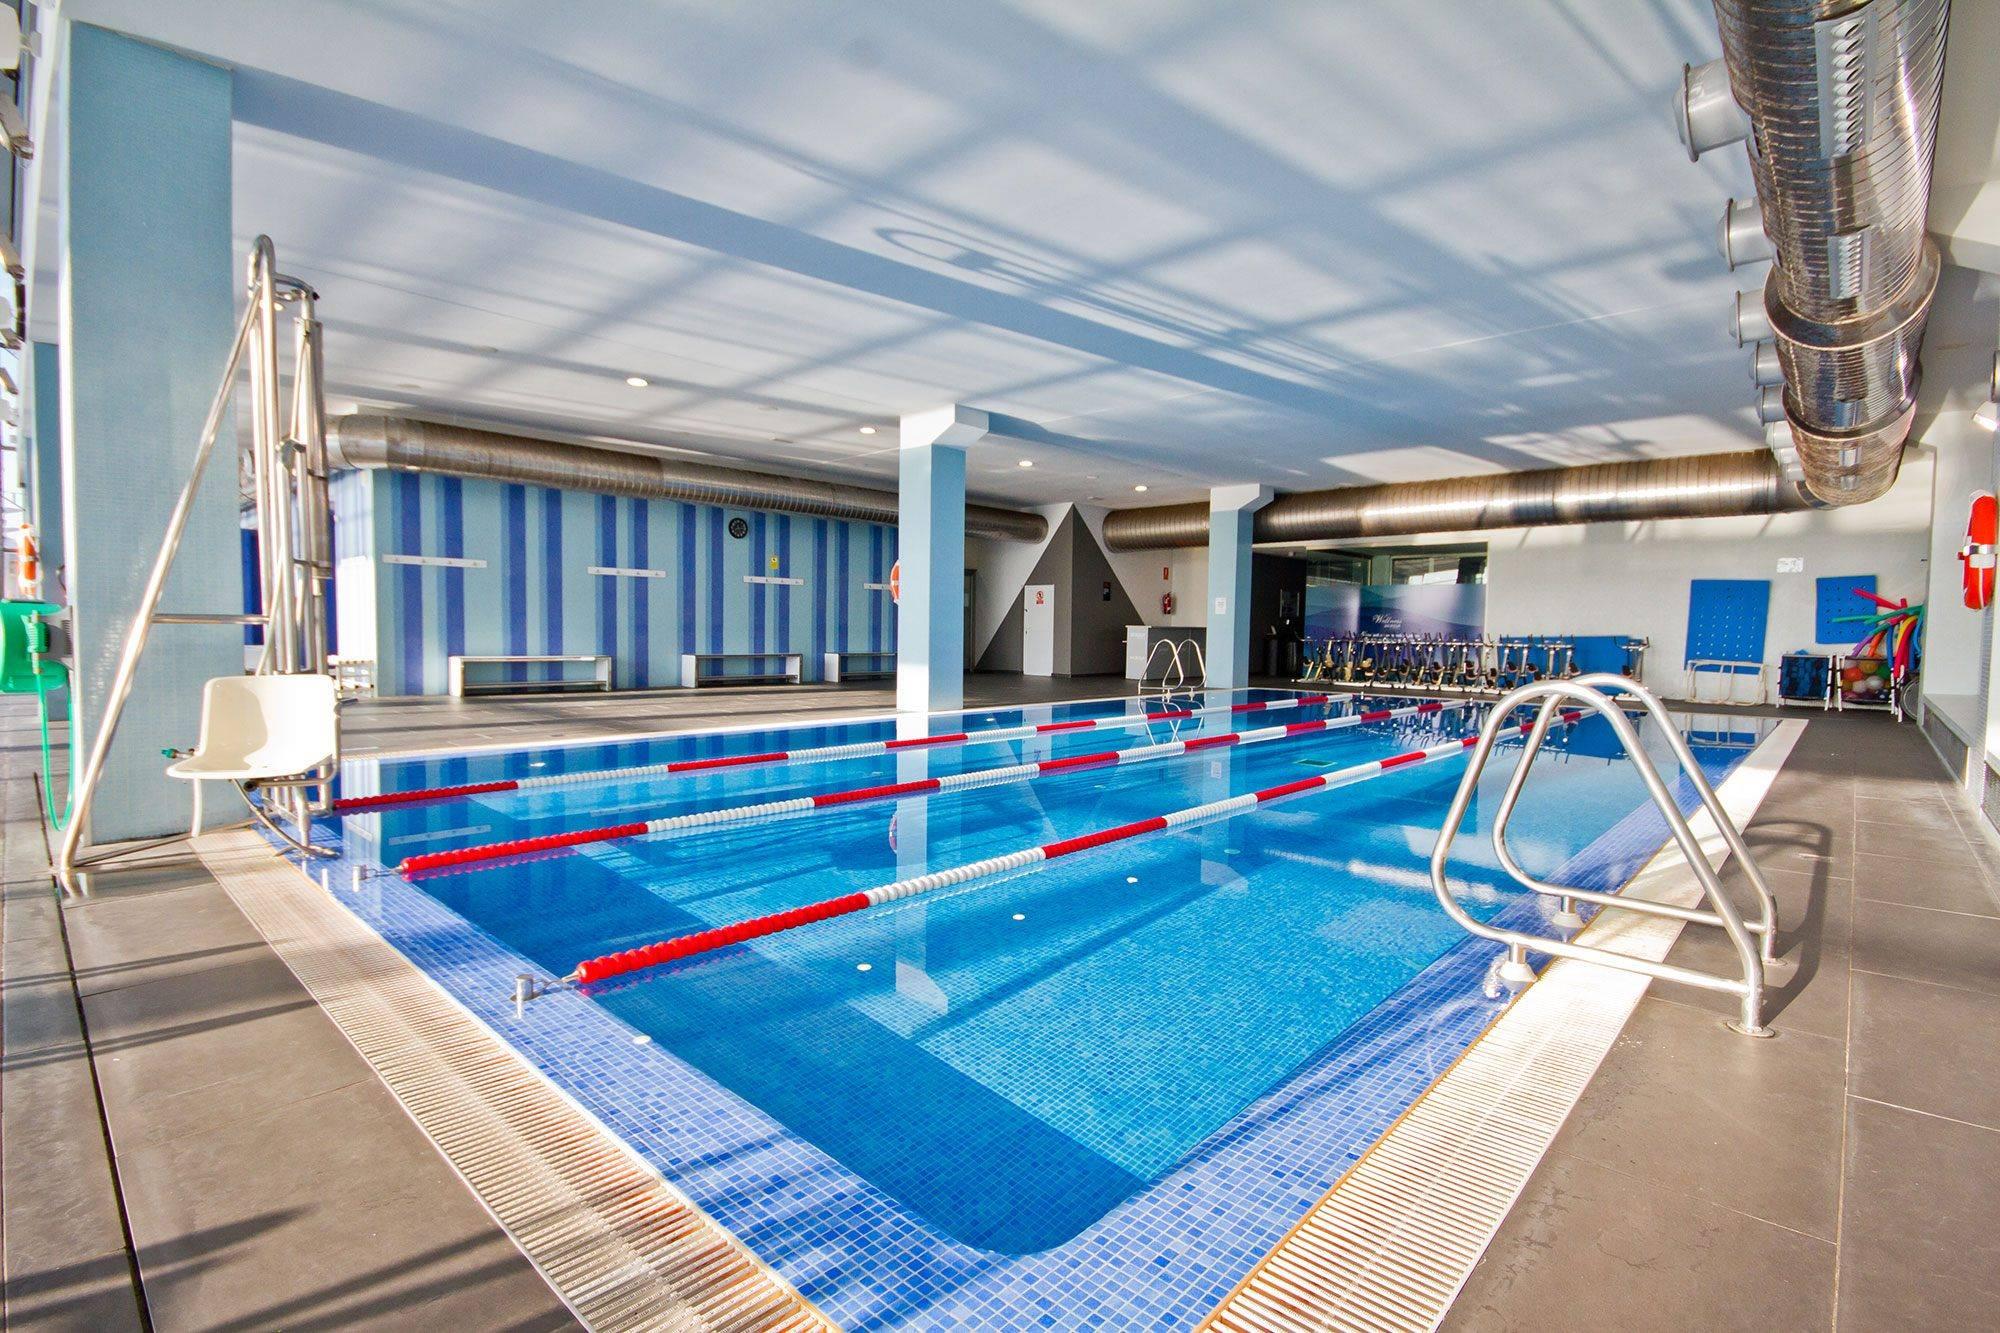 instalaciones_2_piscina_peque